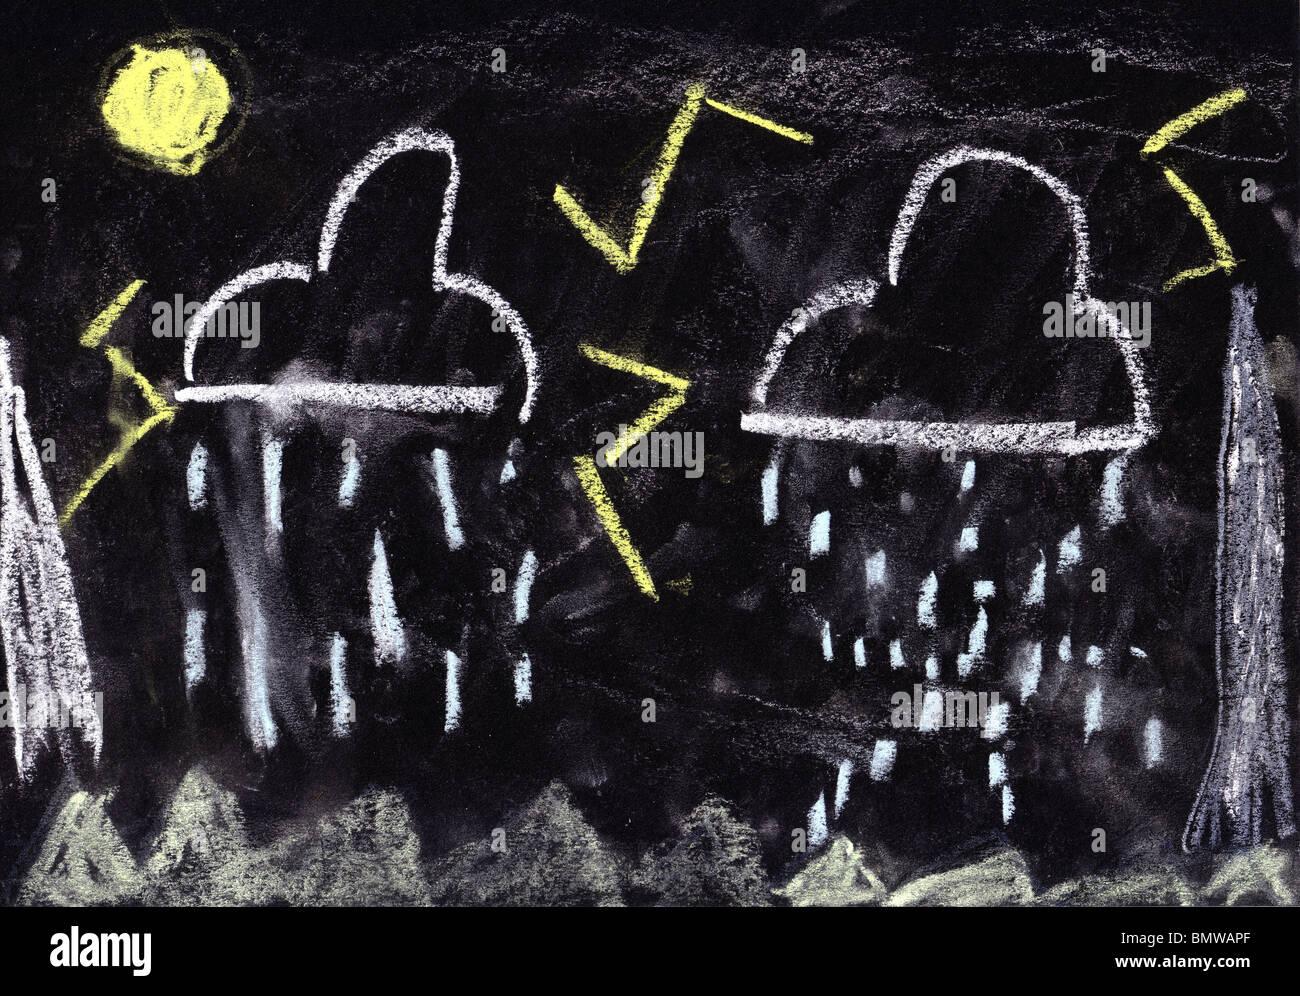 Dessin à la craie de l'enfant, mauvais temps papier fond noir Photo Stock